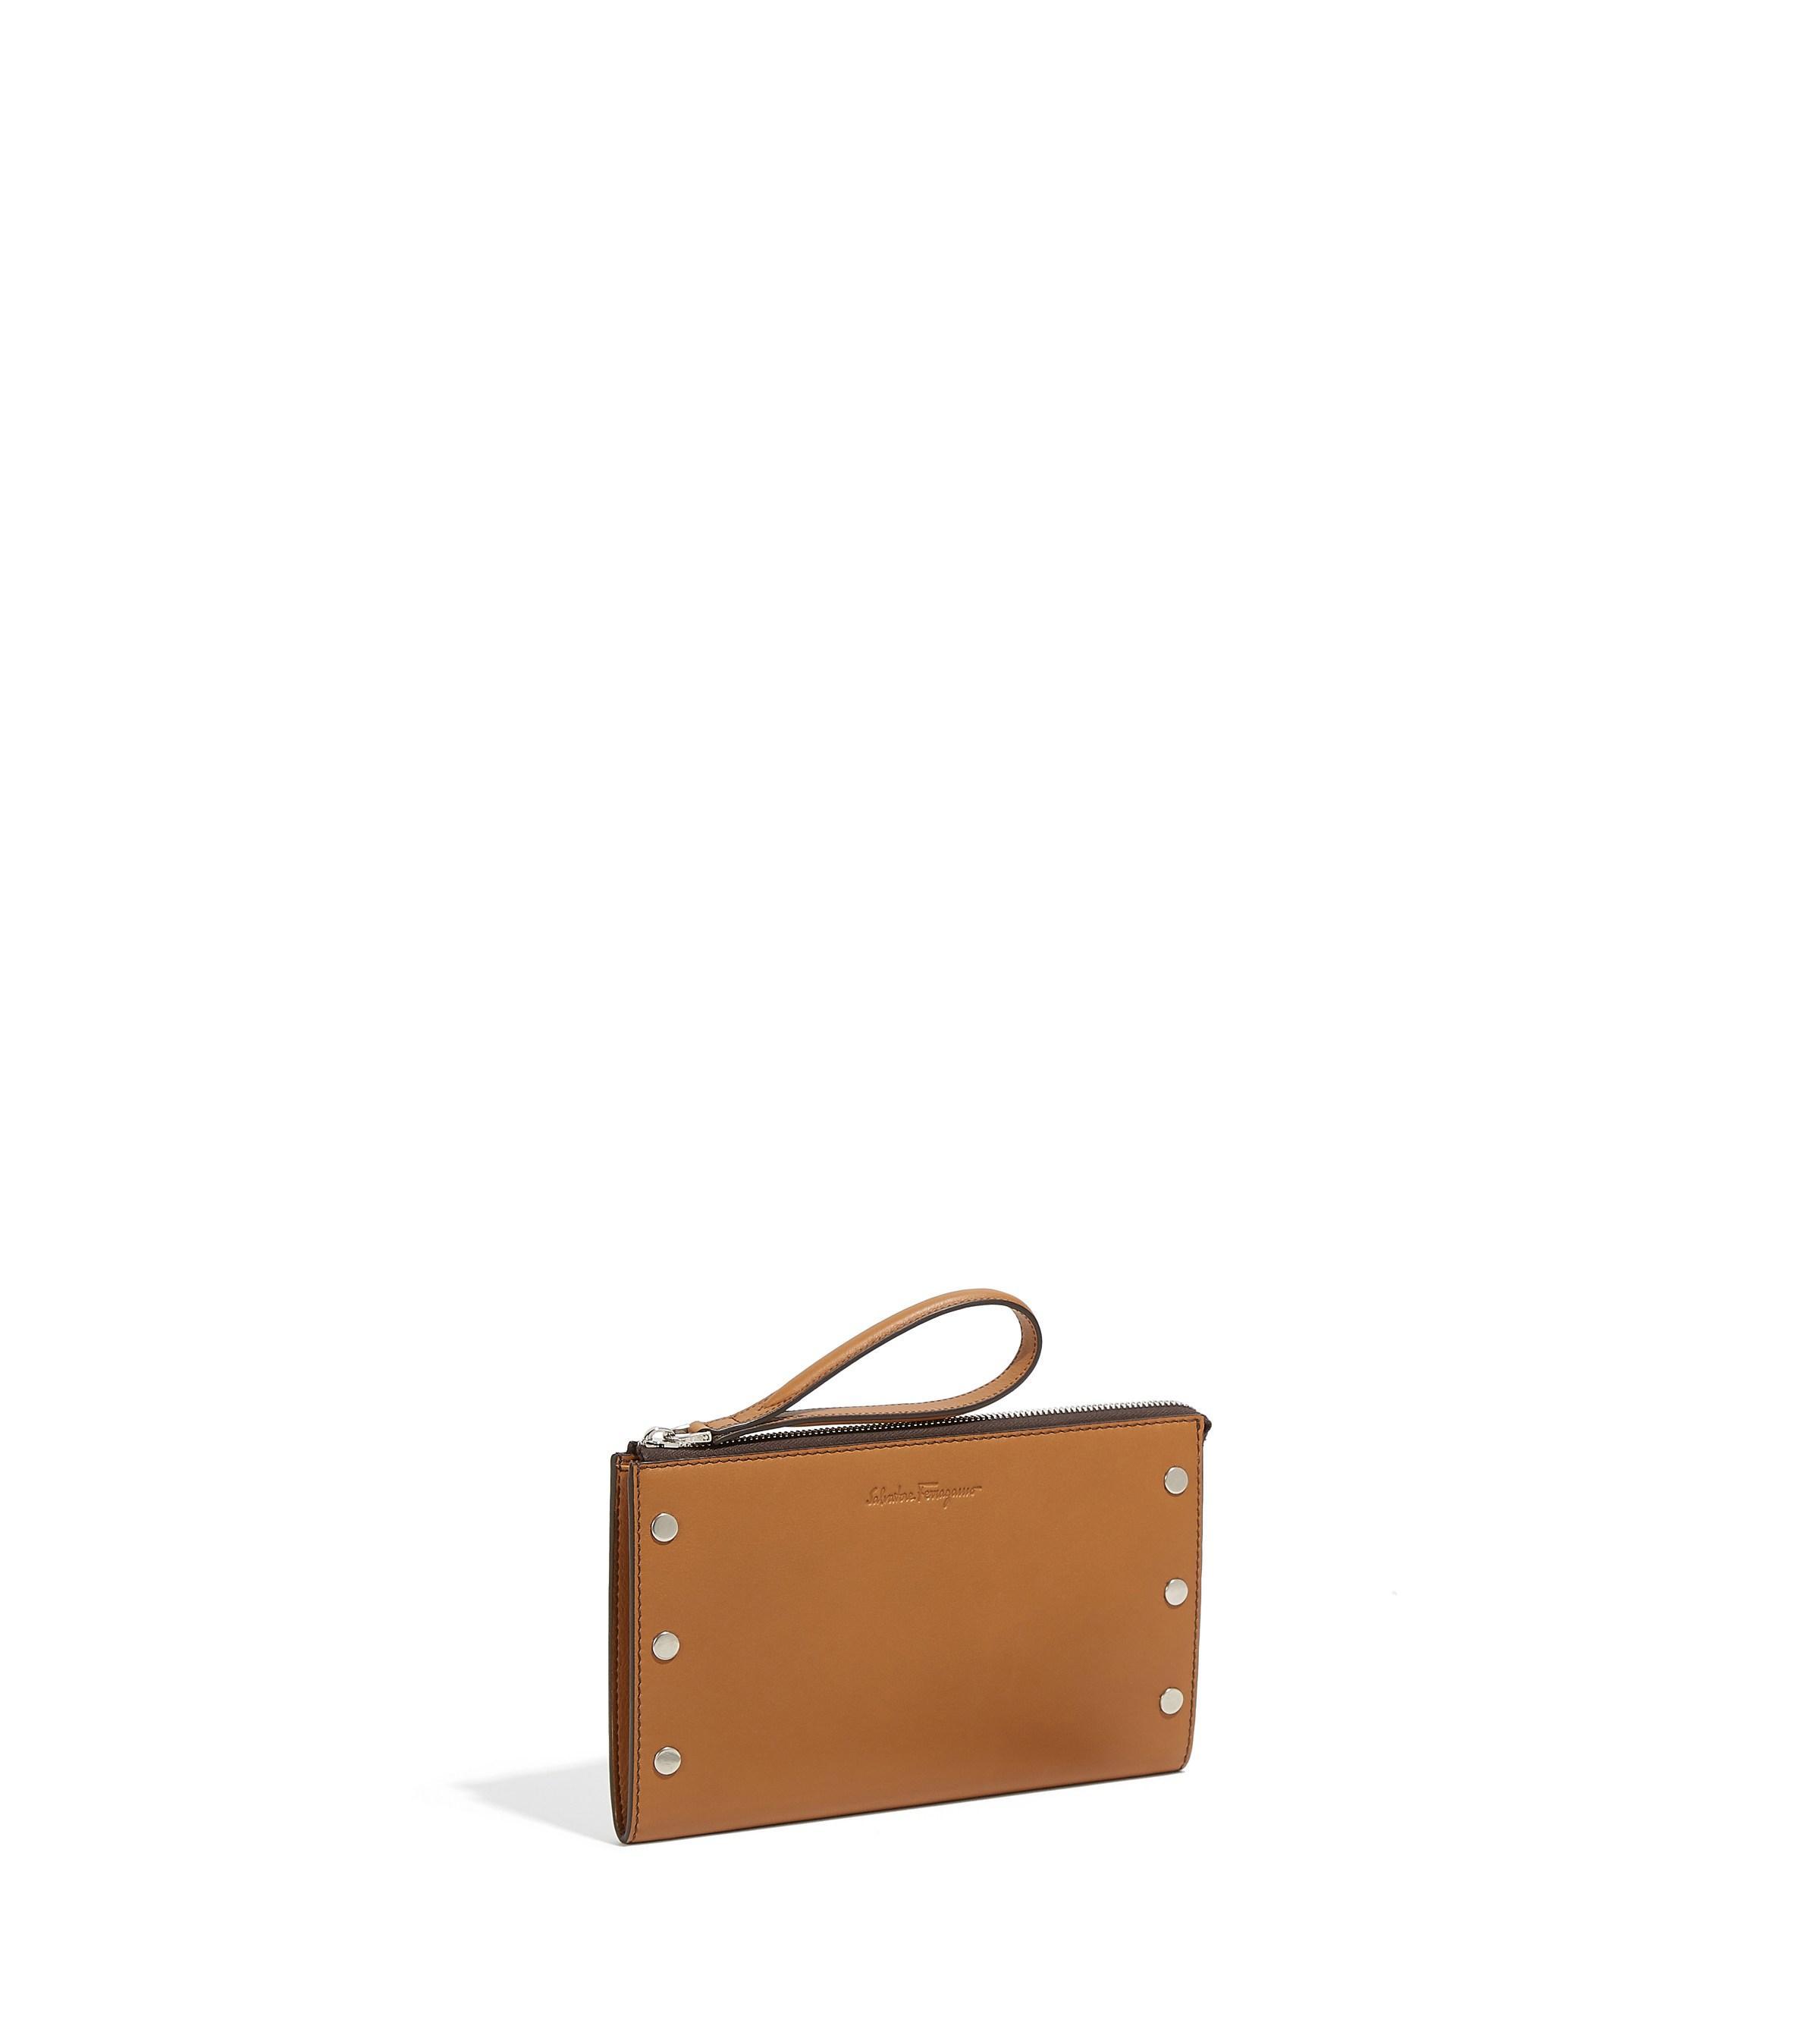 Lyst - Ferragamo Travel Document Holder in Brown for Men db5d324615212